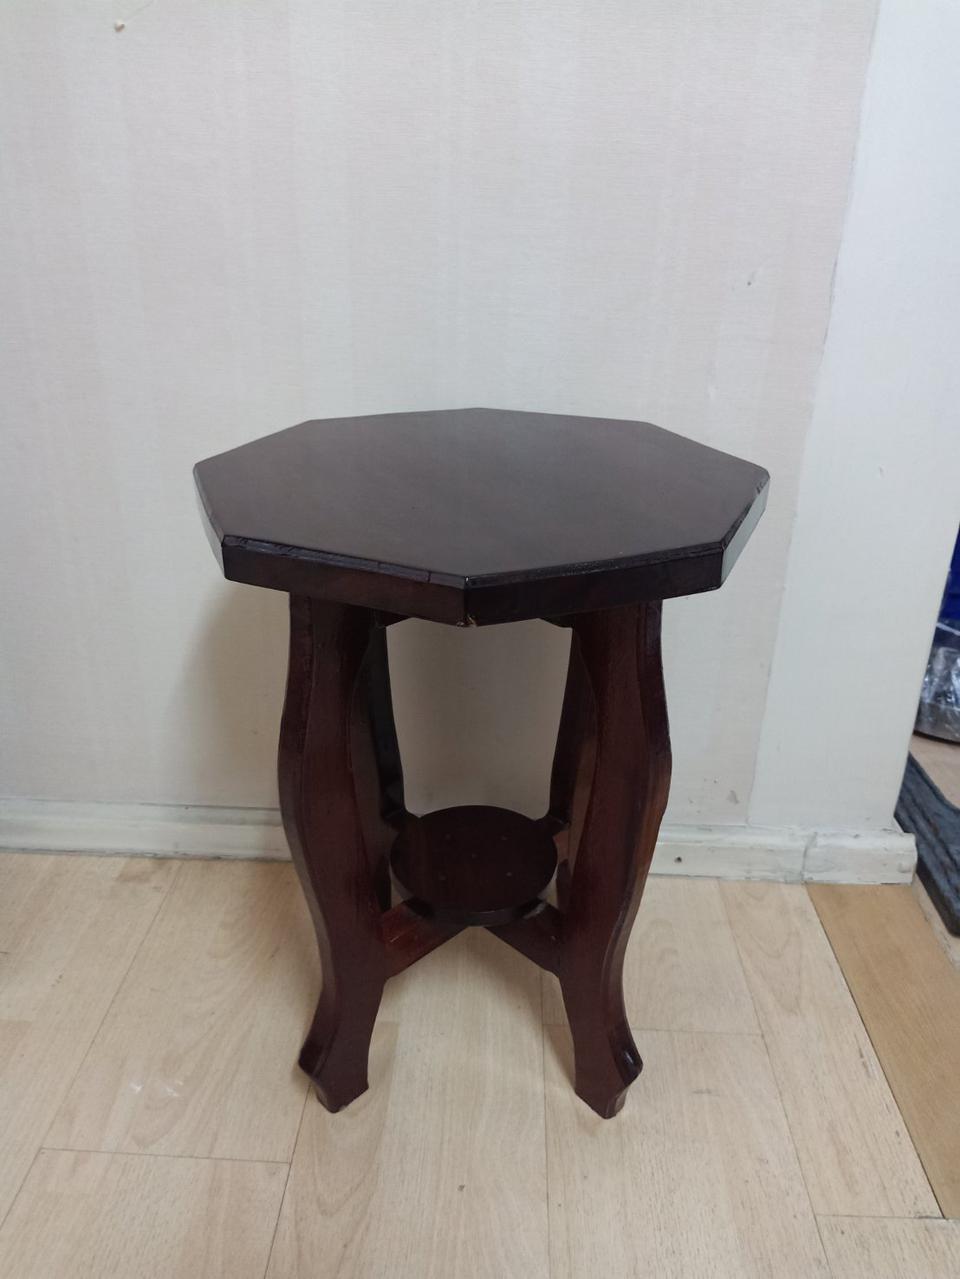 ชั้นวางของ+เก้าอี้ไม้ มือ2 รูปที่ 3